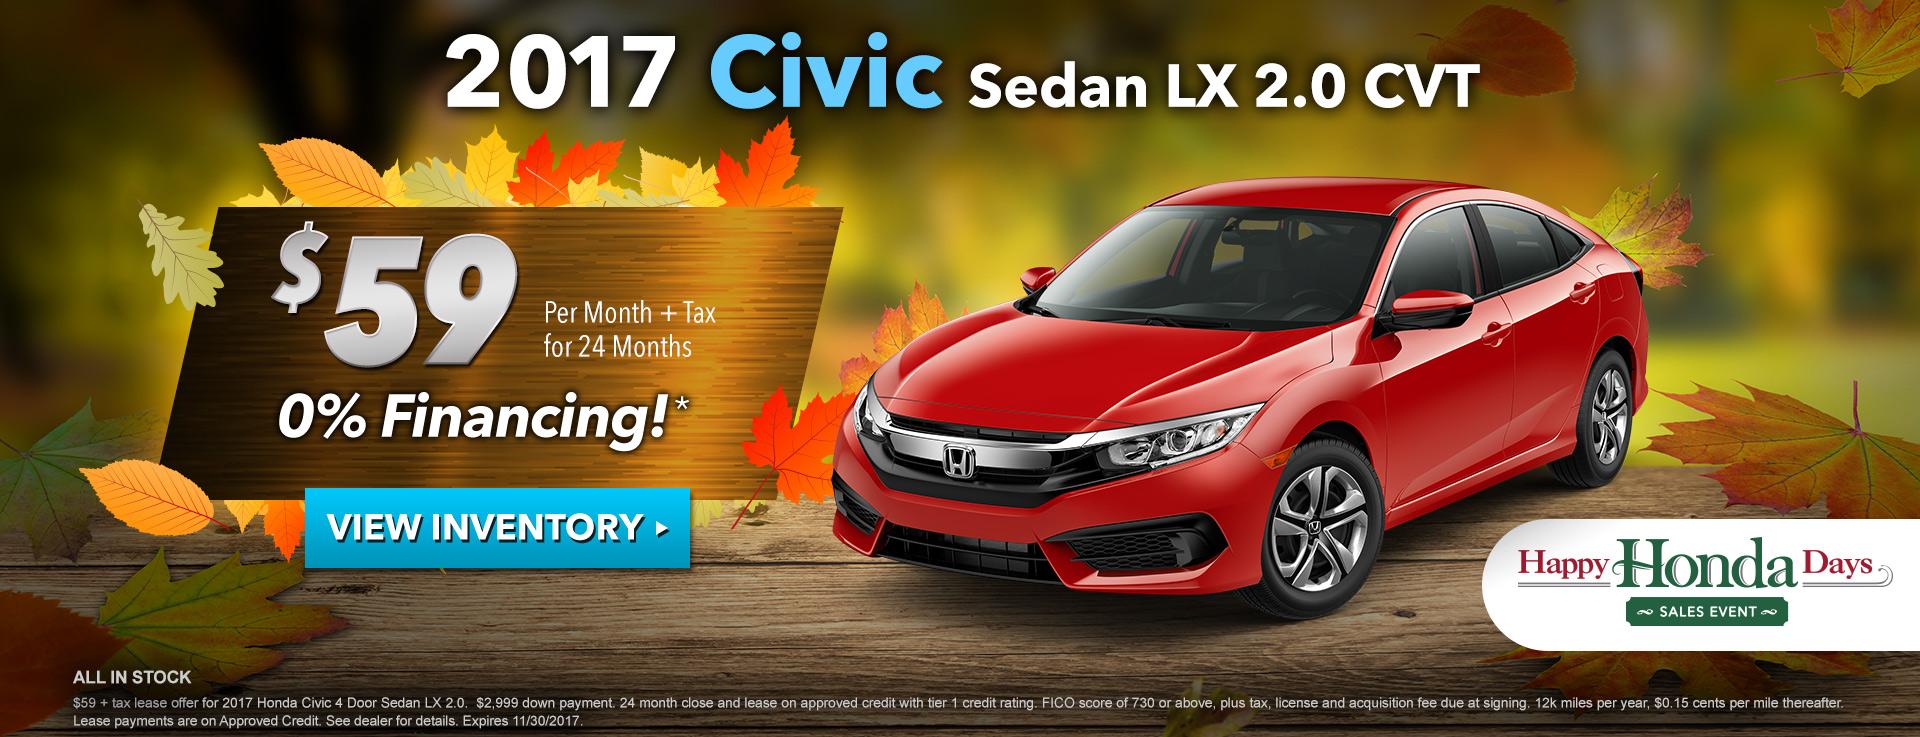 Civic LX 2.0